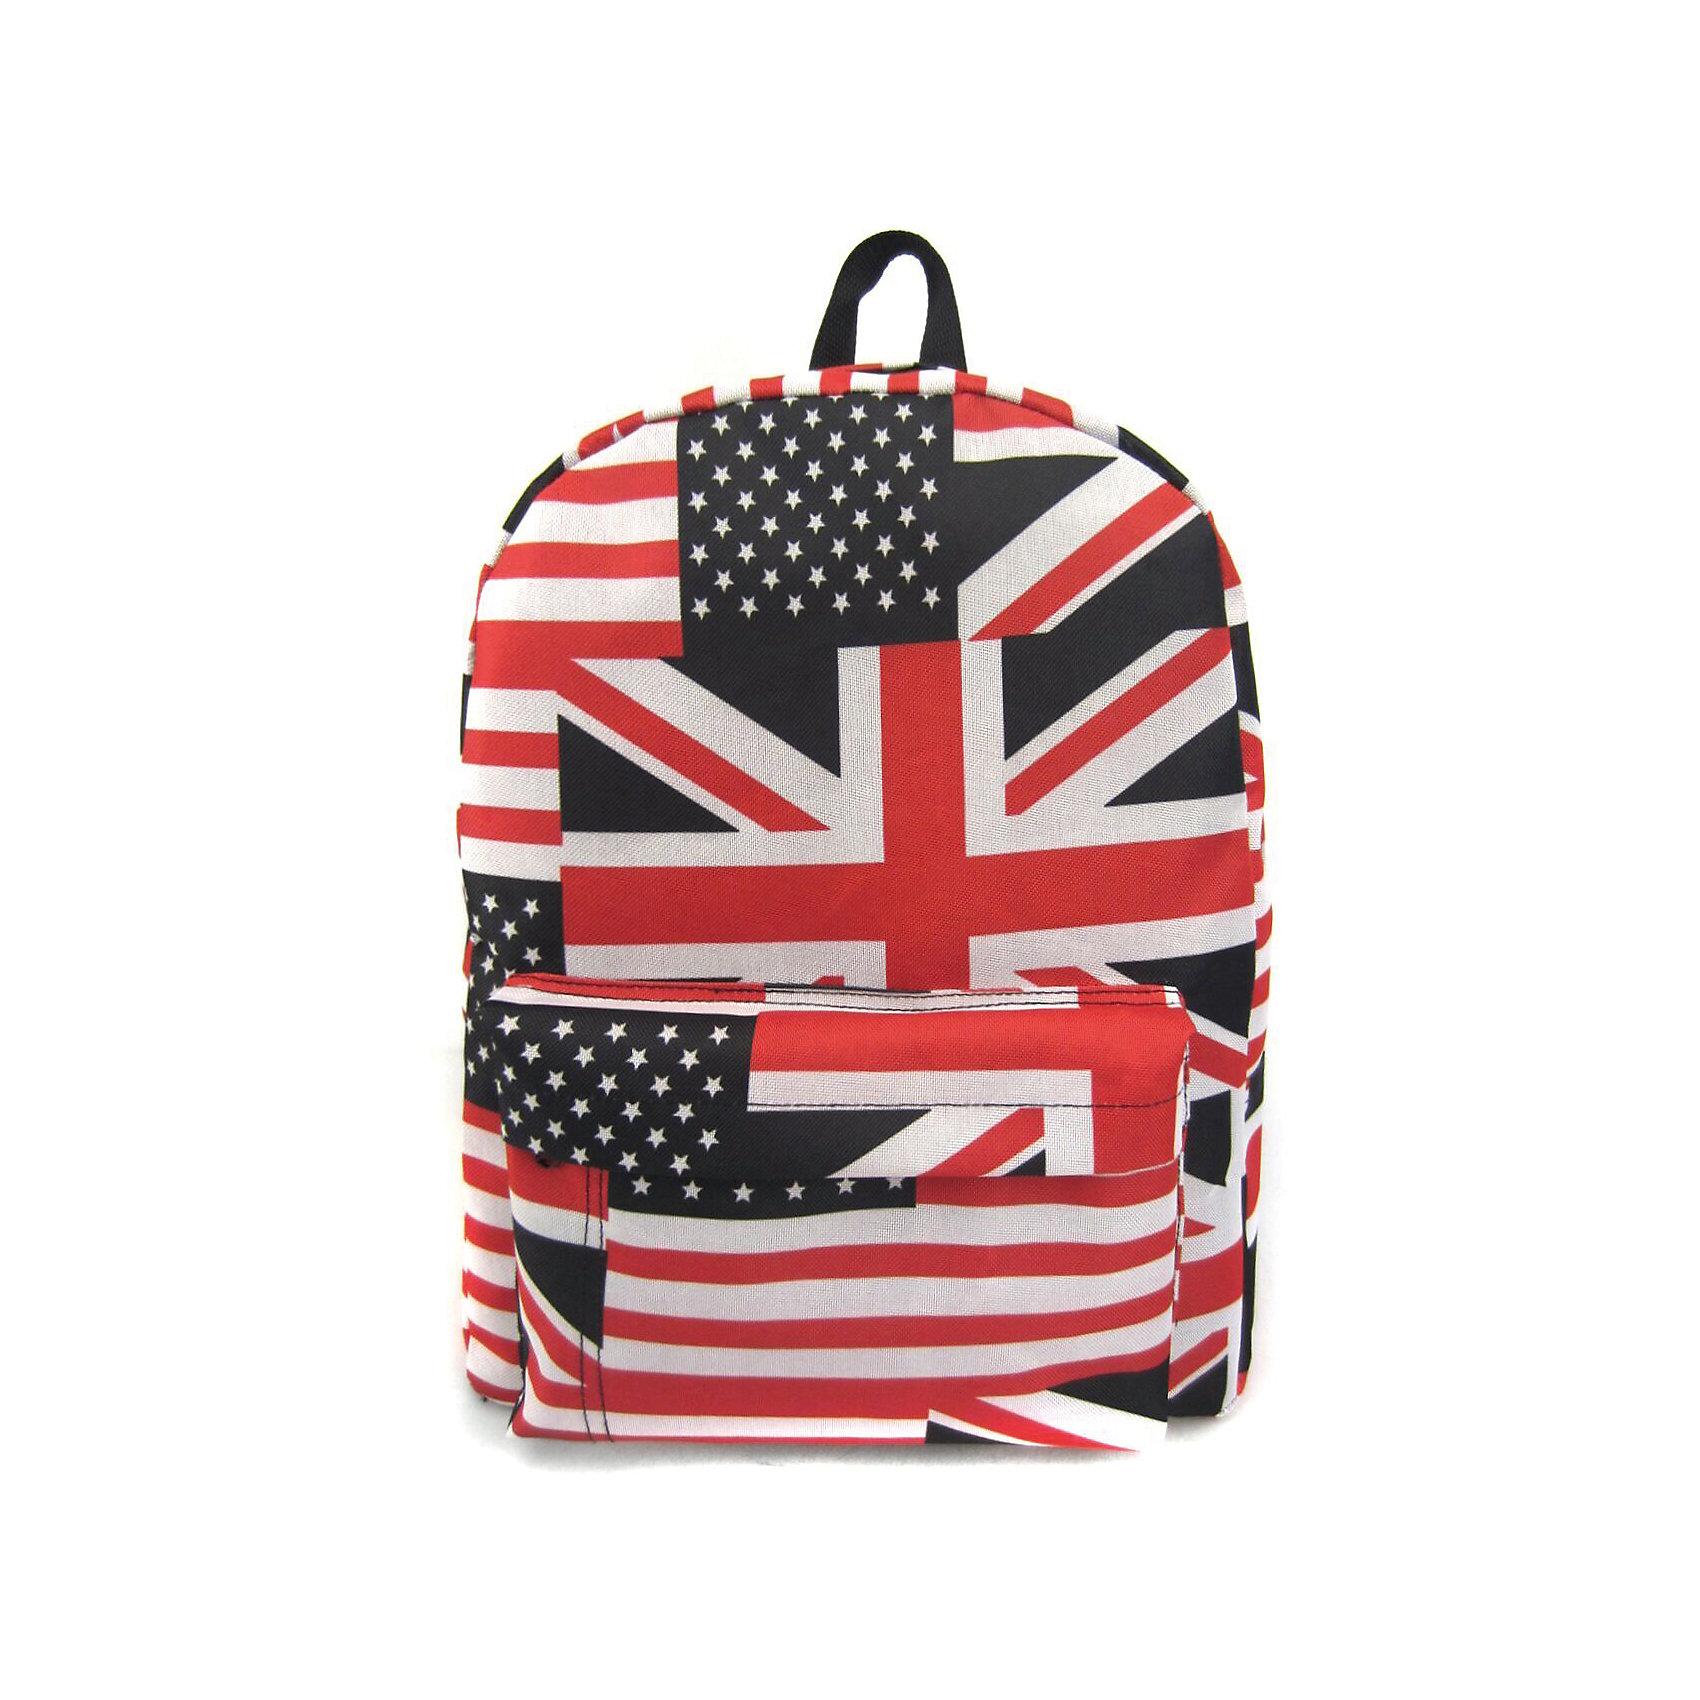 Рюкзак American Flag с 1 карманом, цвет мультиРюкзаки<br>Вес: 0,3 кг<br>Размер: 40х32х13 см<br>Состав: рюкзак<br>Наличие светоотражающих элементов: нет<br>Материал: полиэстер<br><br>Ширина мм: 400<br>Глубина мм: 320<br>Высота мм: 130<br>Вес г: 300<br>Возраст от месяцев: 84<br>Возраст до месяцев: 720<br>Пол: Унисекс<br>Возраст: Детский<br>SKU: 7054045